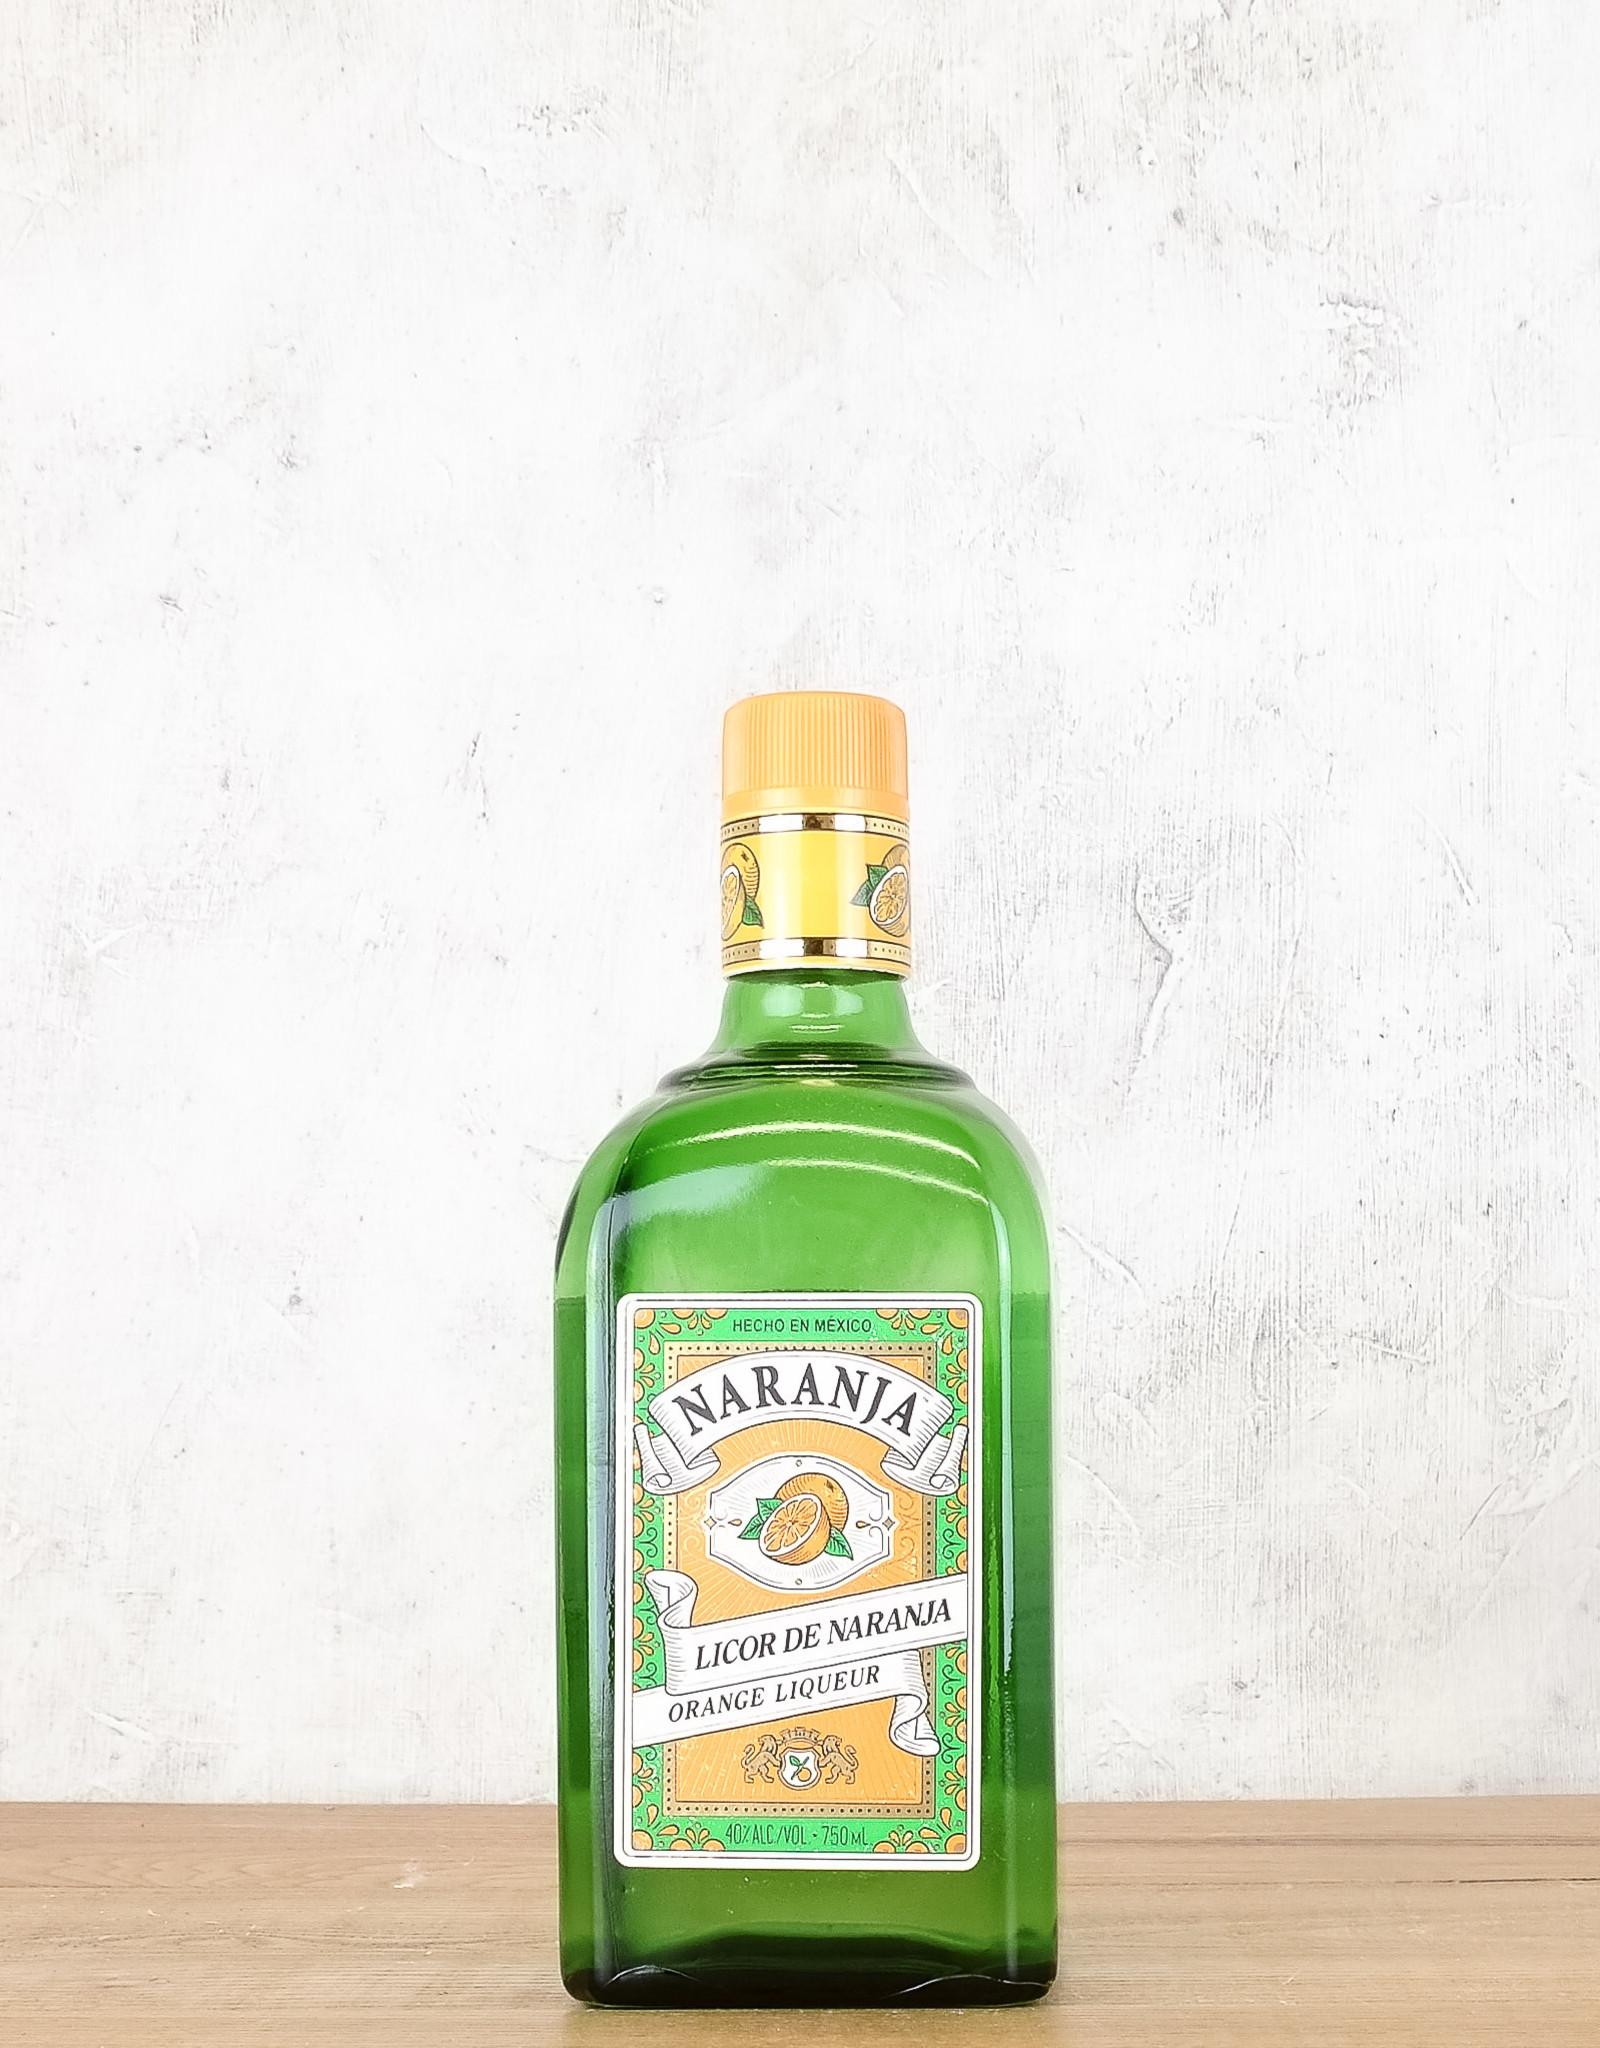 Naranja Orange Liquor